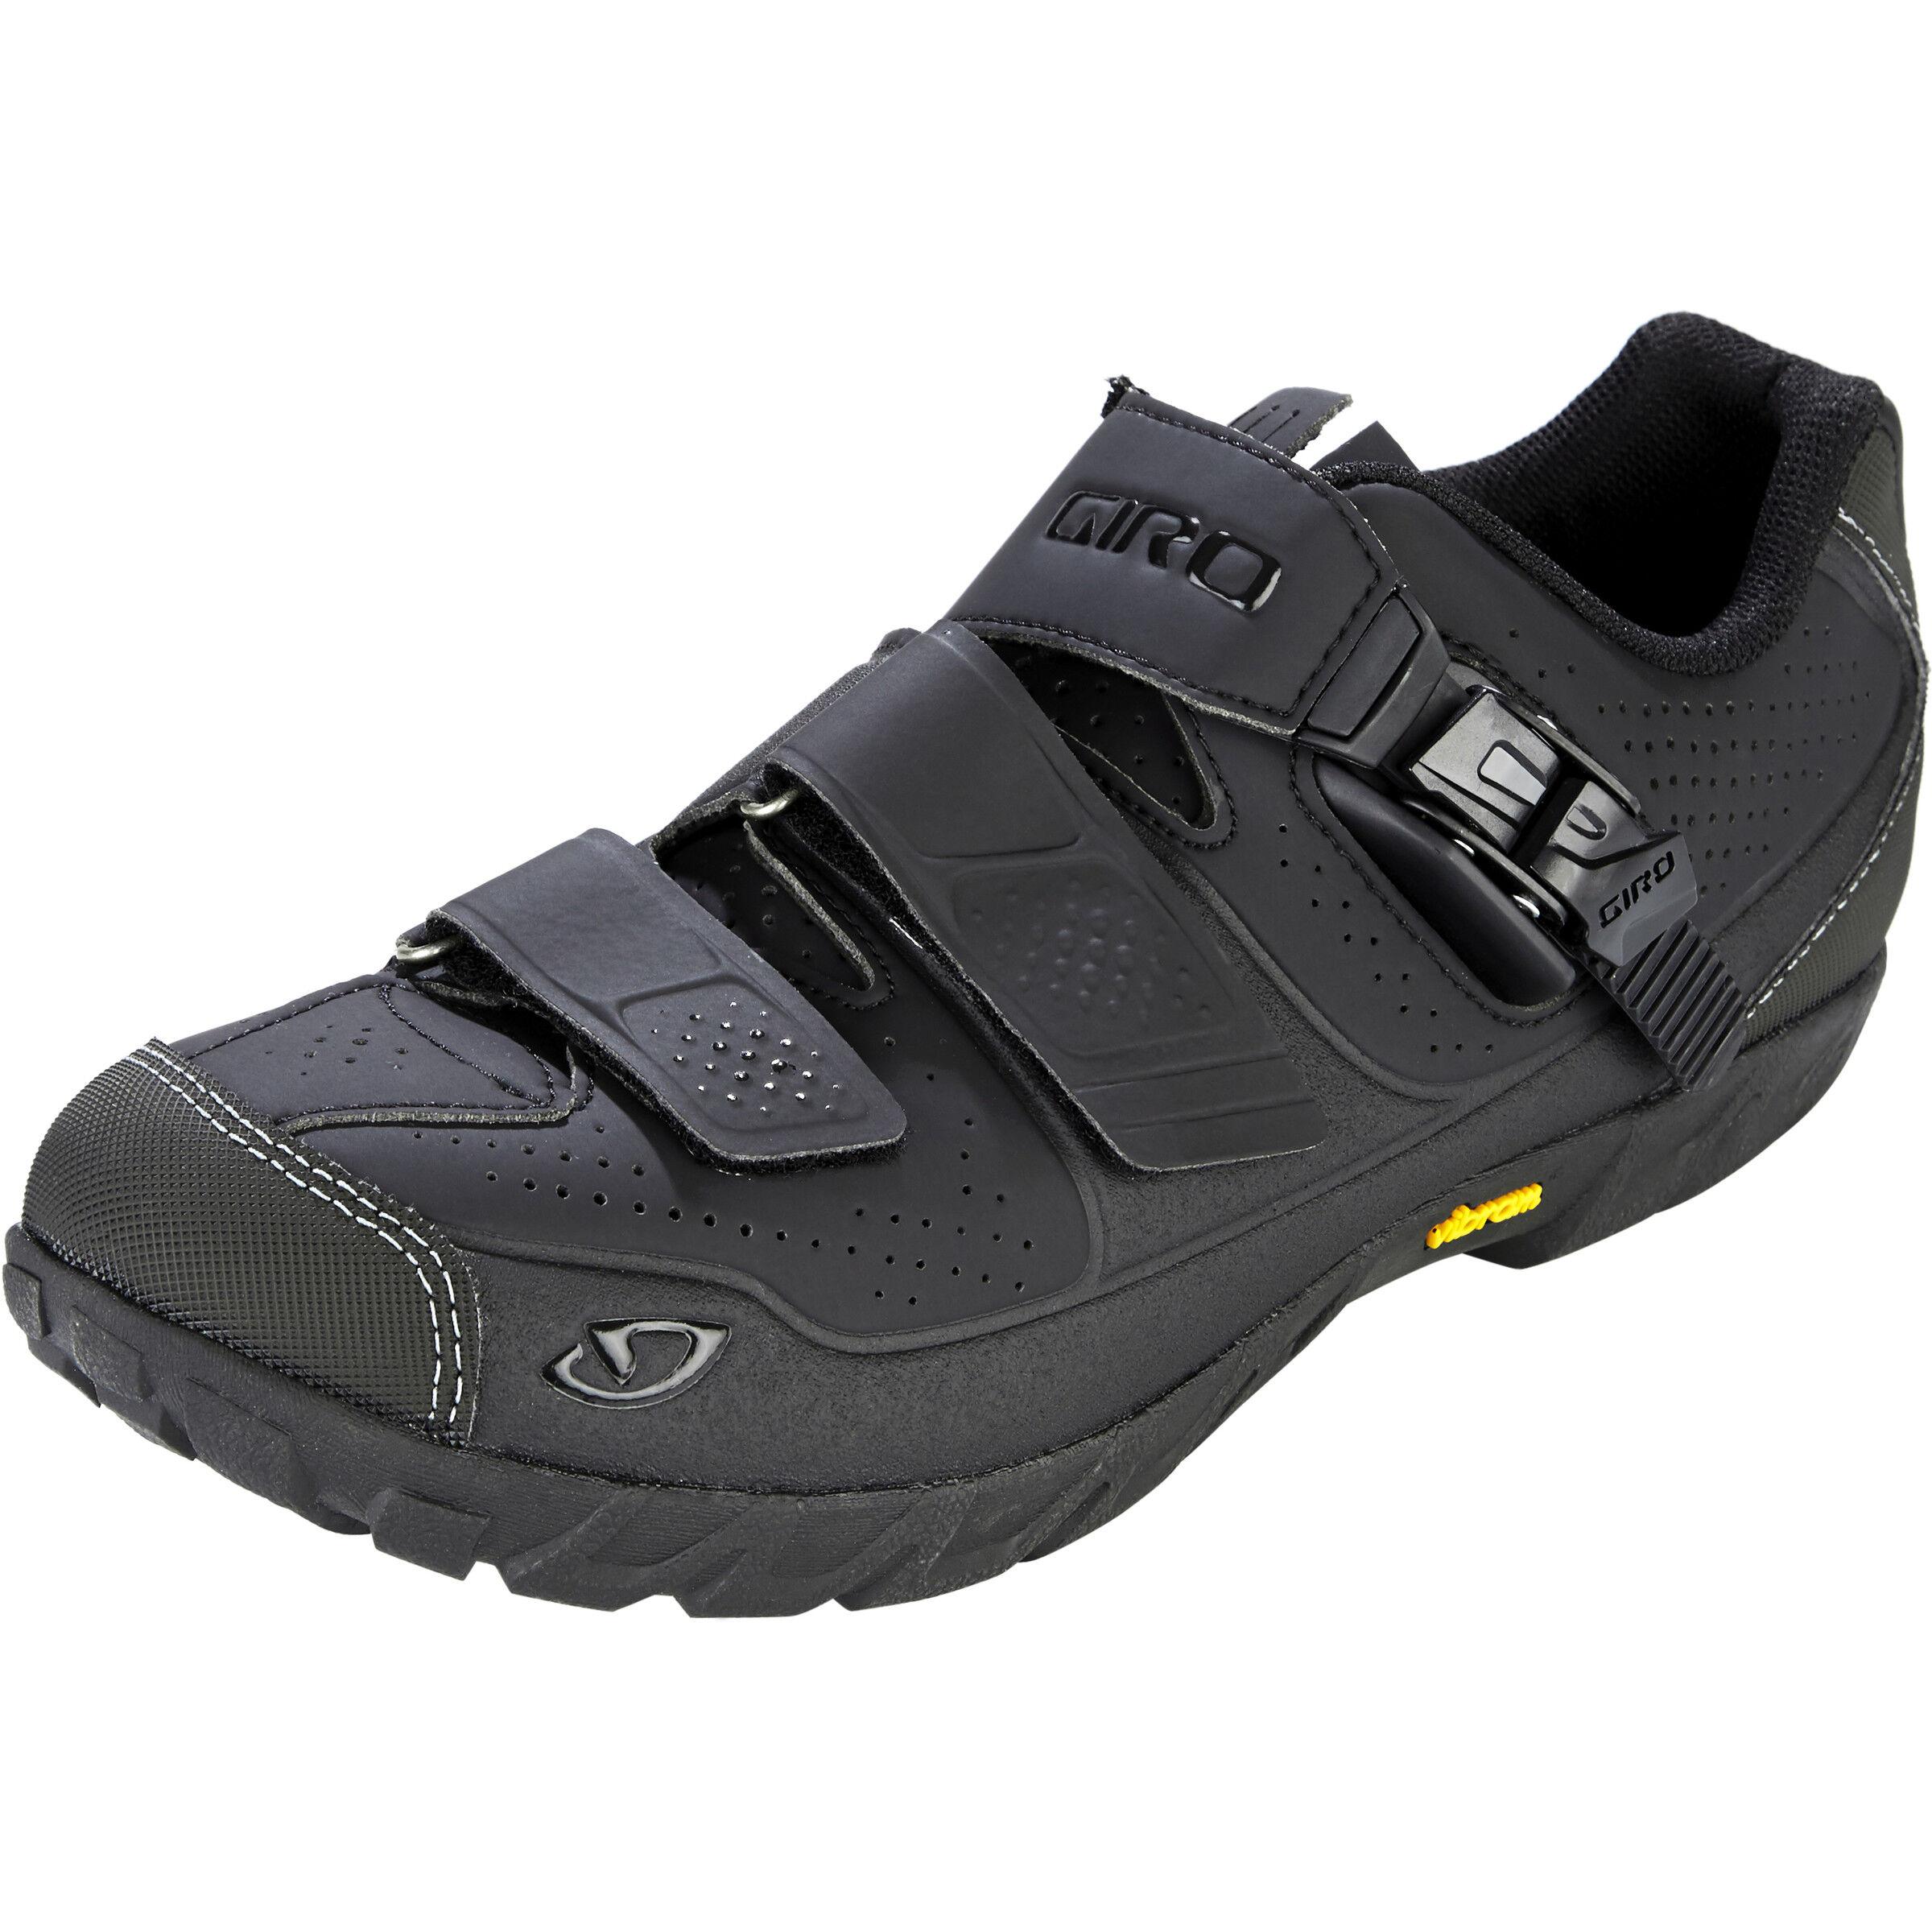 Hv Herren Black Giro Schuhe Terraduro tQdosCxBhr